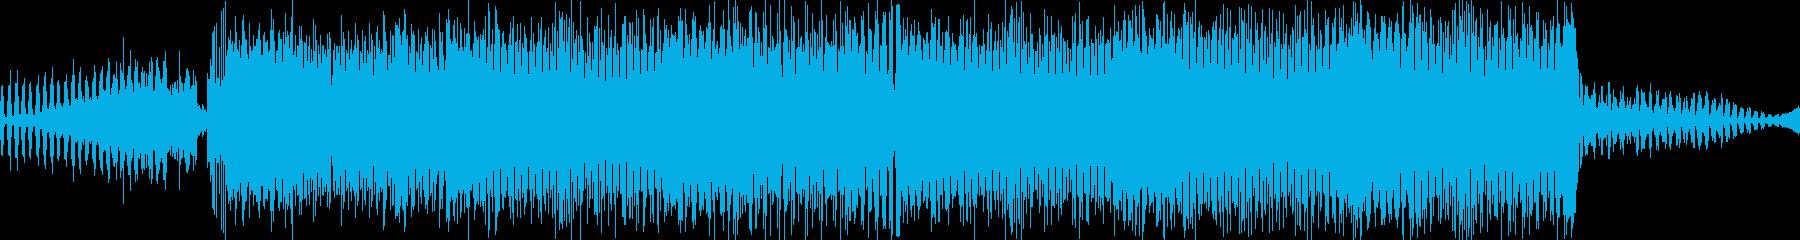 ハードでミニマルなサイケトランスの再生済みの波形